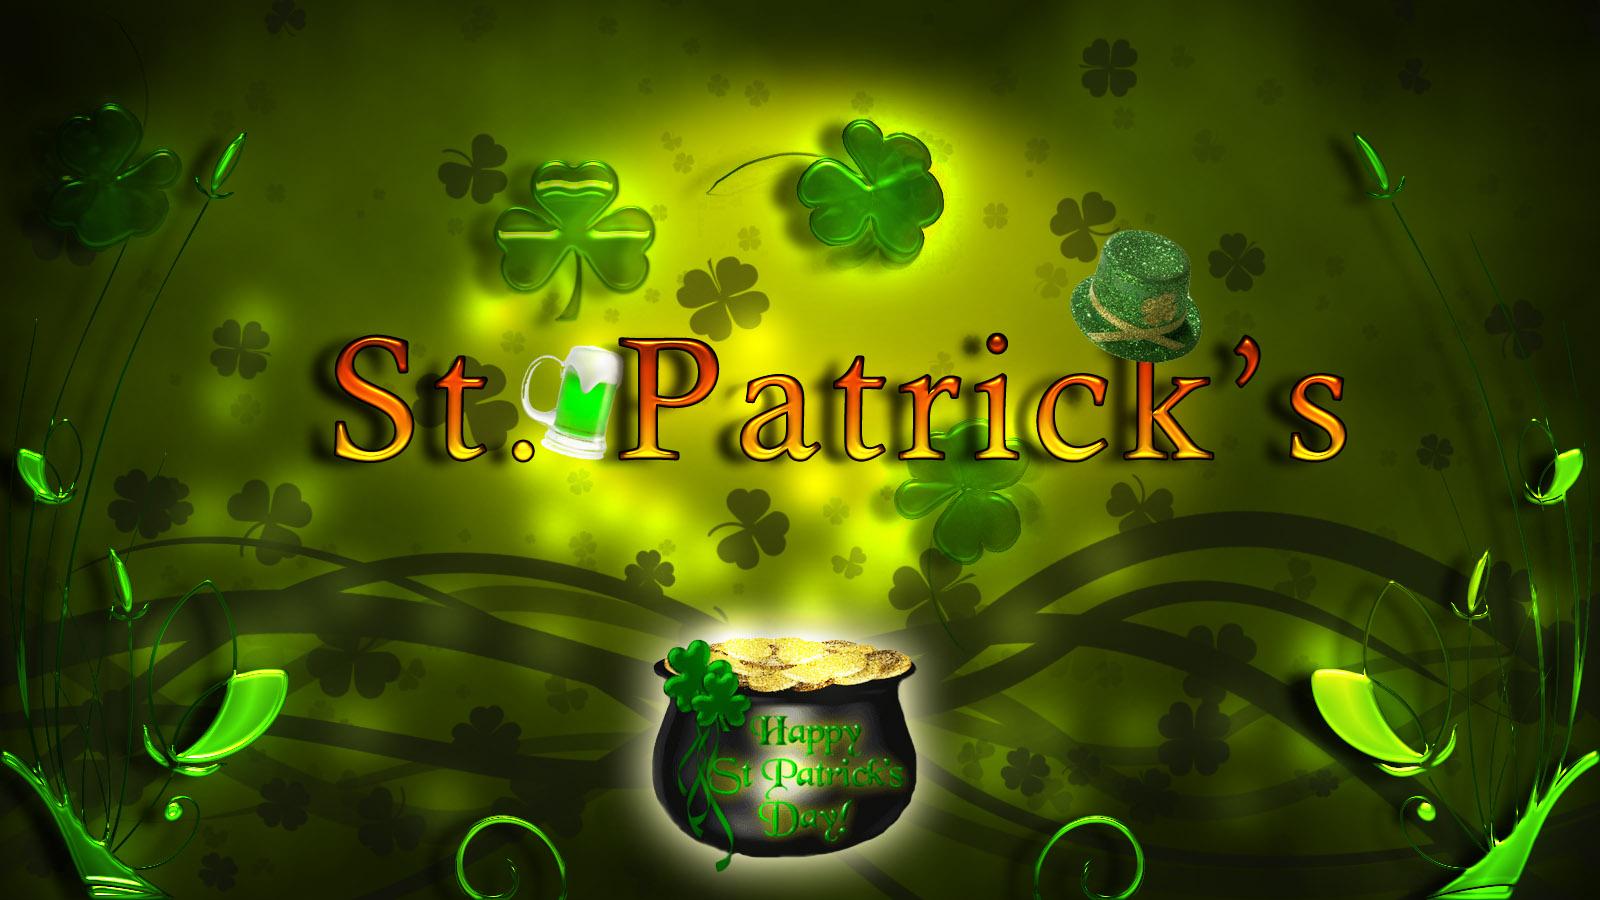 St. Patrick's Day wallpaper - ForWallpaper.com